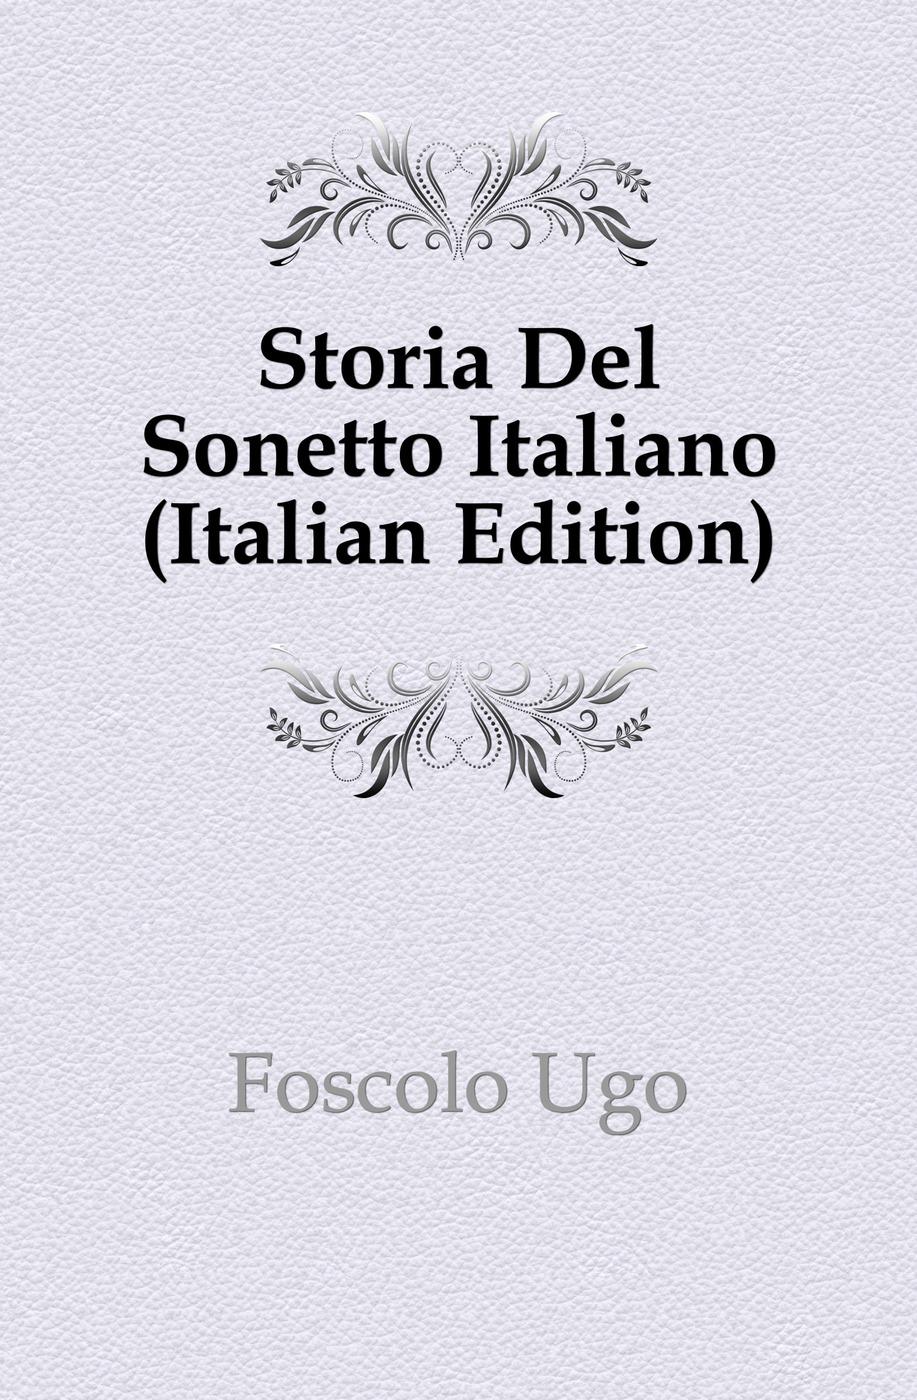 Foscolo Ugo Storia Del Sonetto Italiano (Italian Edition)